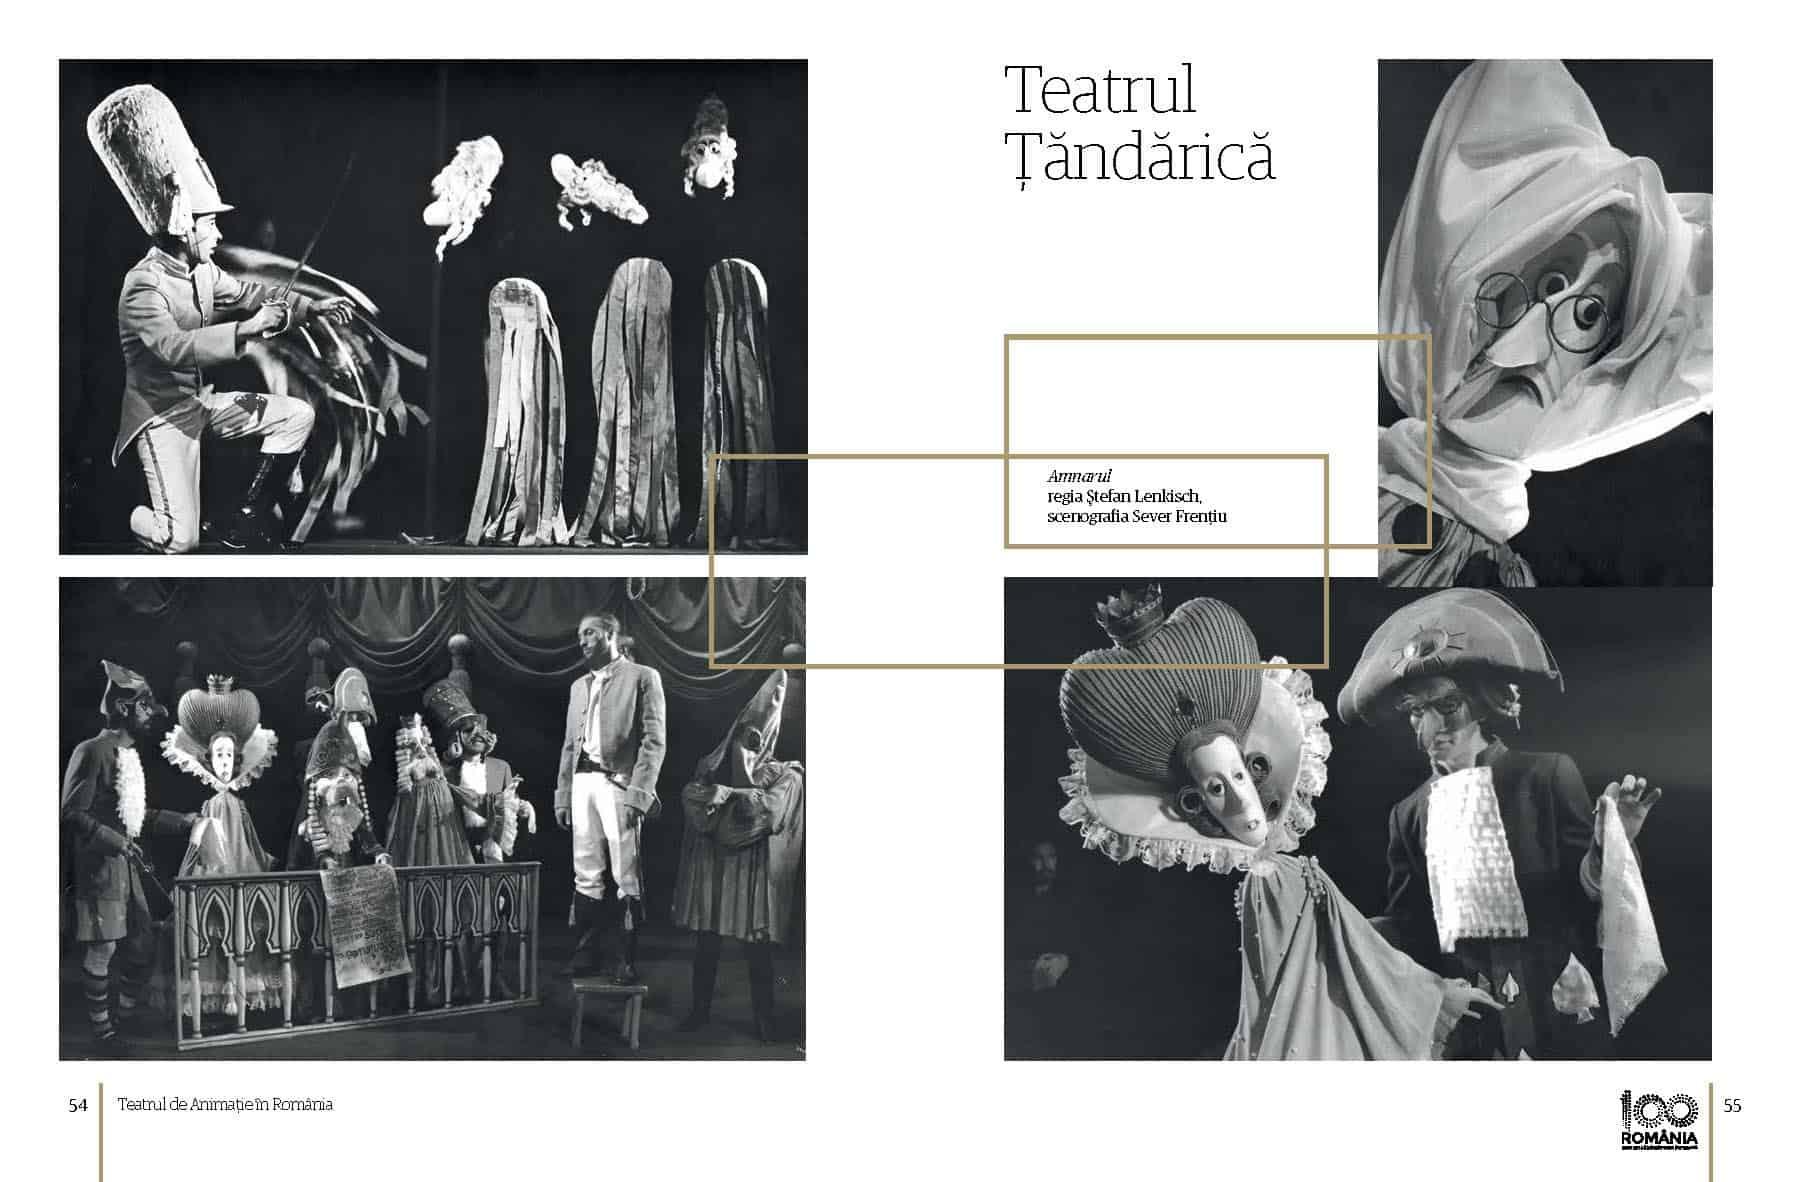 Album Teatrul de Animatie in Romania final preview fata in fata Page 28